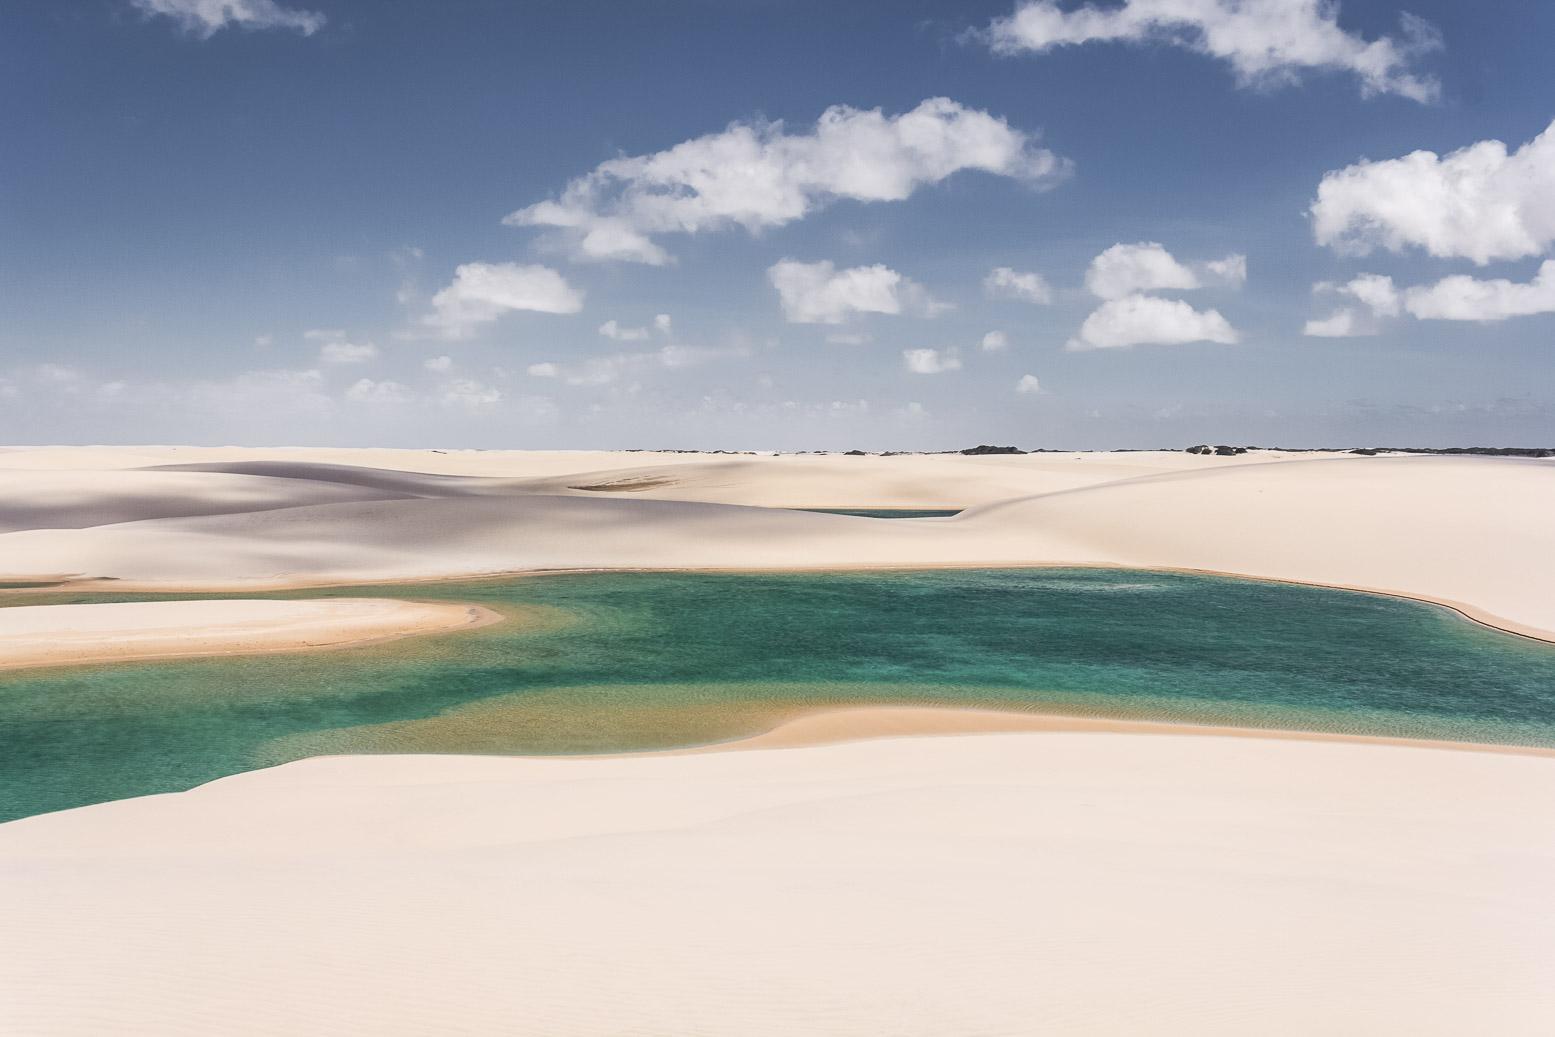 Un lagon vert dans les dunes des Lençois Maranhenses - Route des Sensations